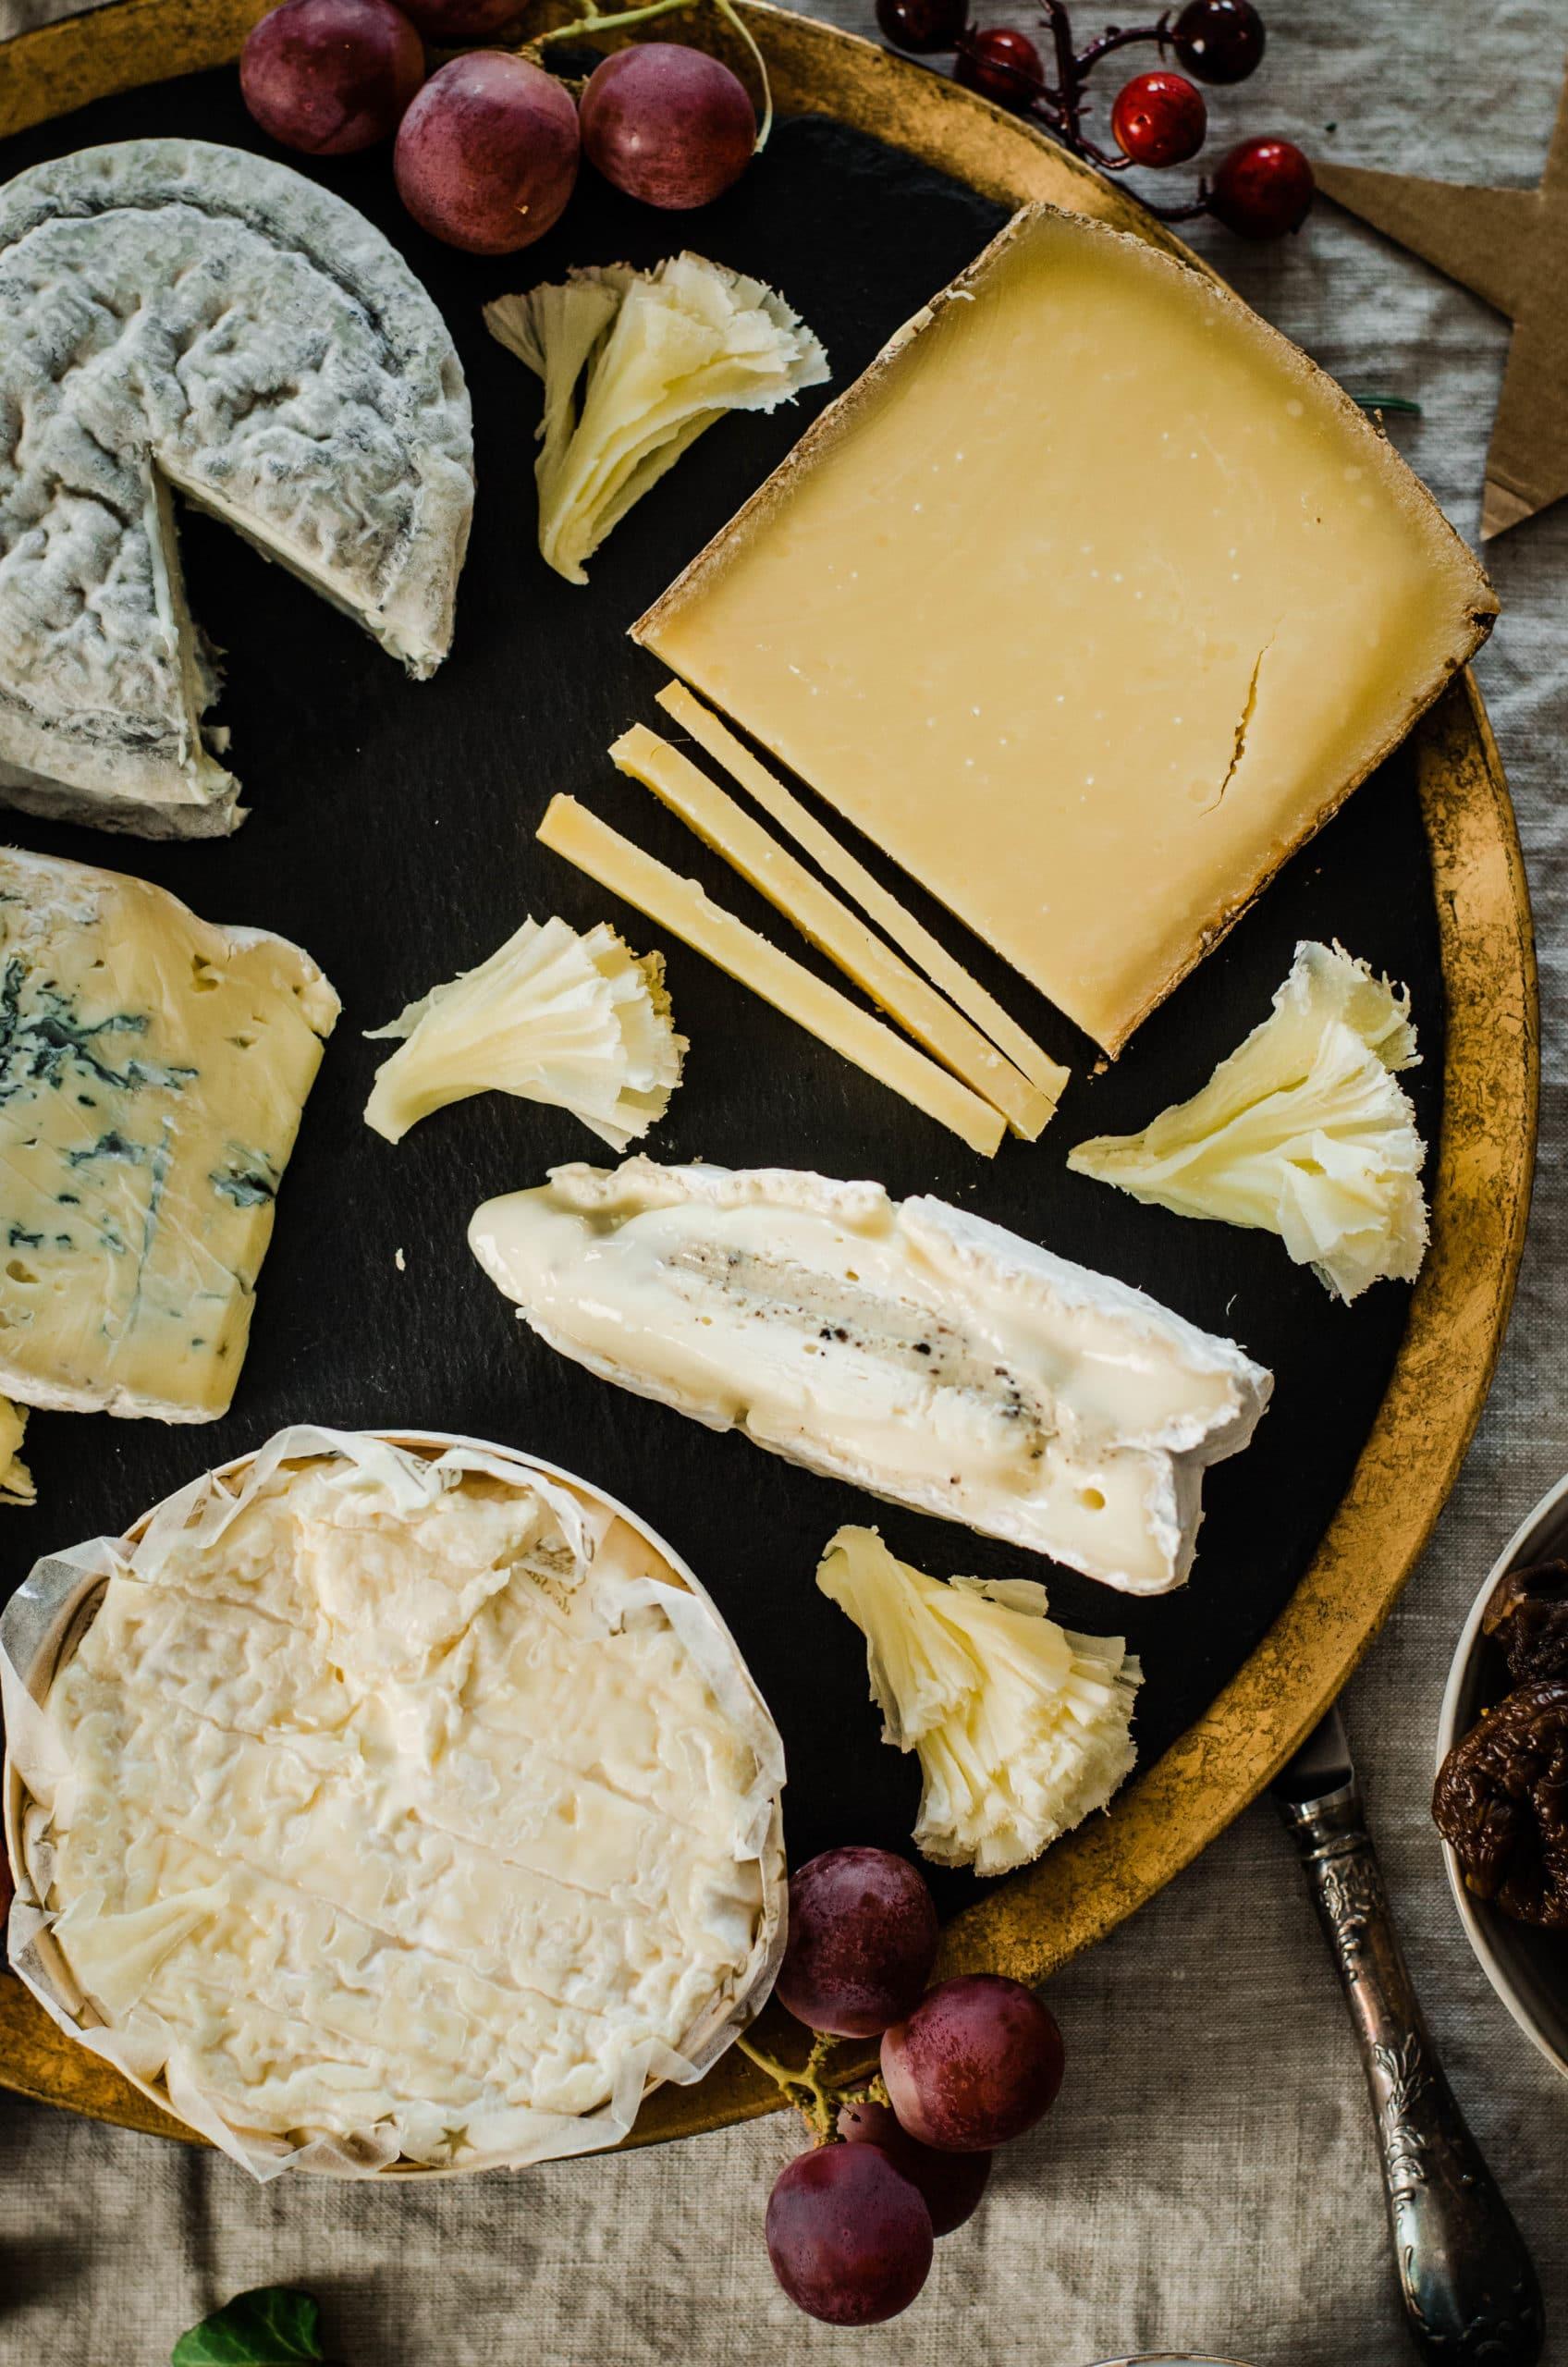 Comment fait un Plateau de fromages parfait pour Noël ?